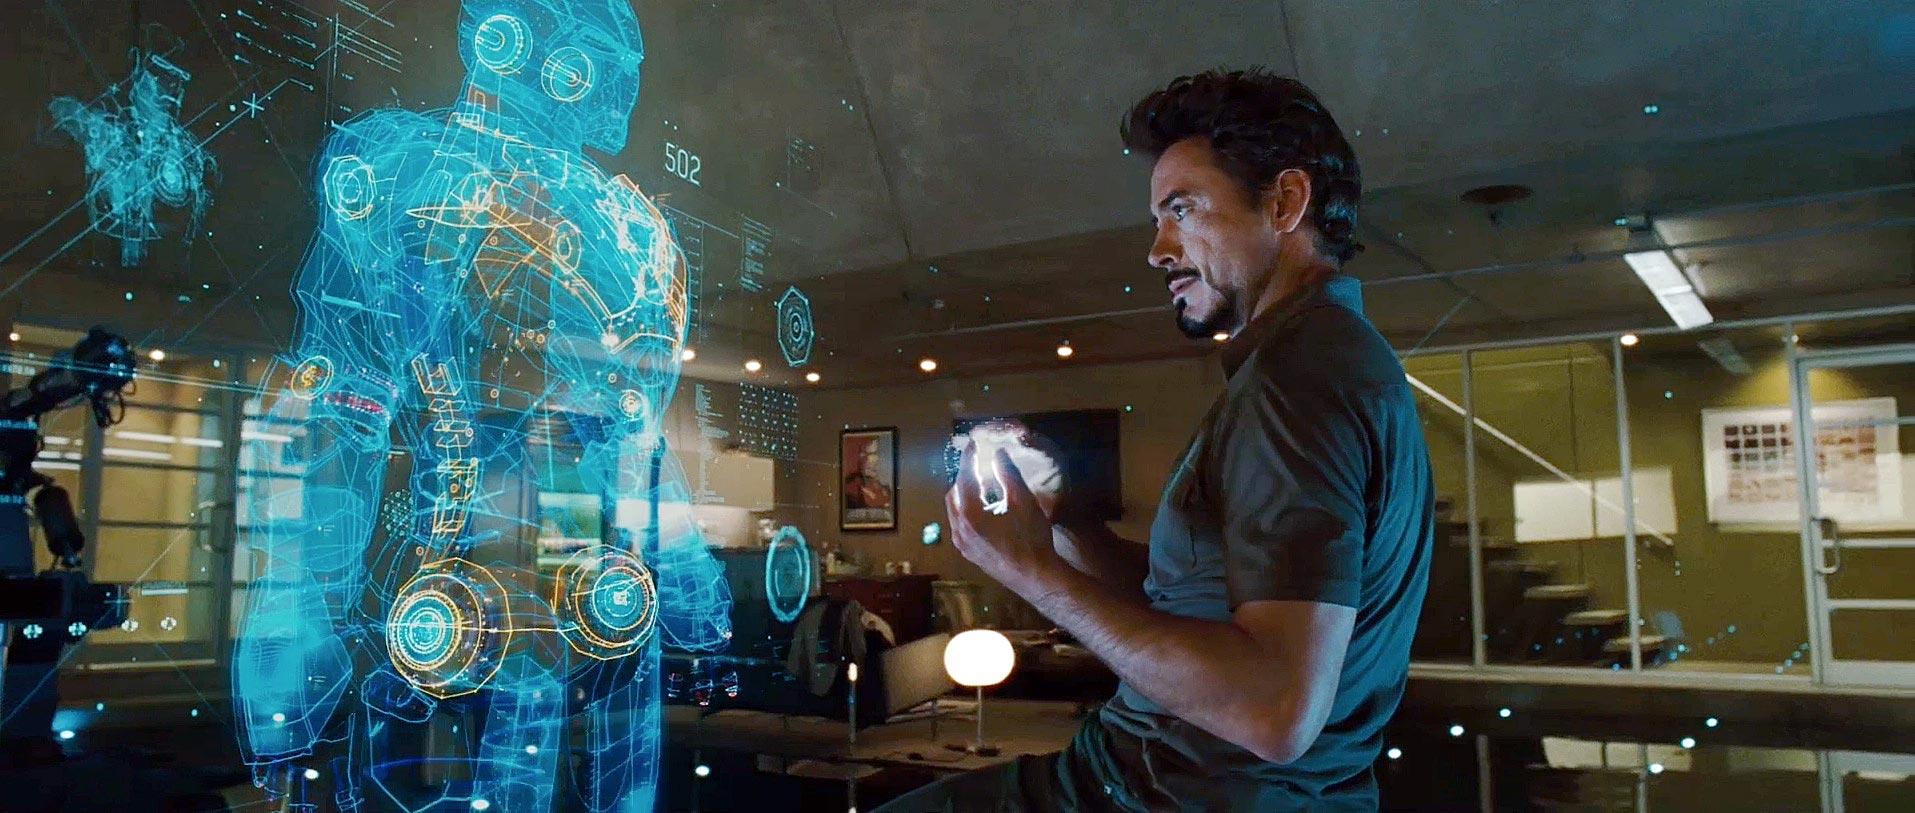 Iron Man 2: Iron Man 2 Trailer #2